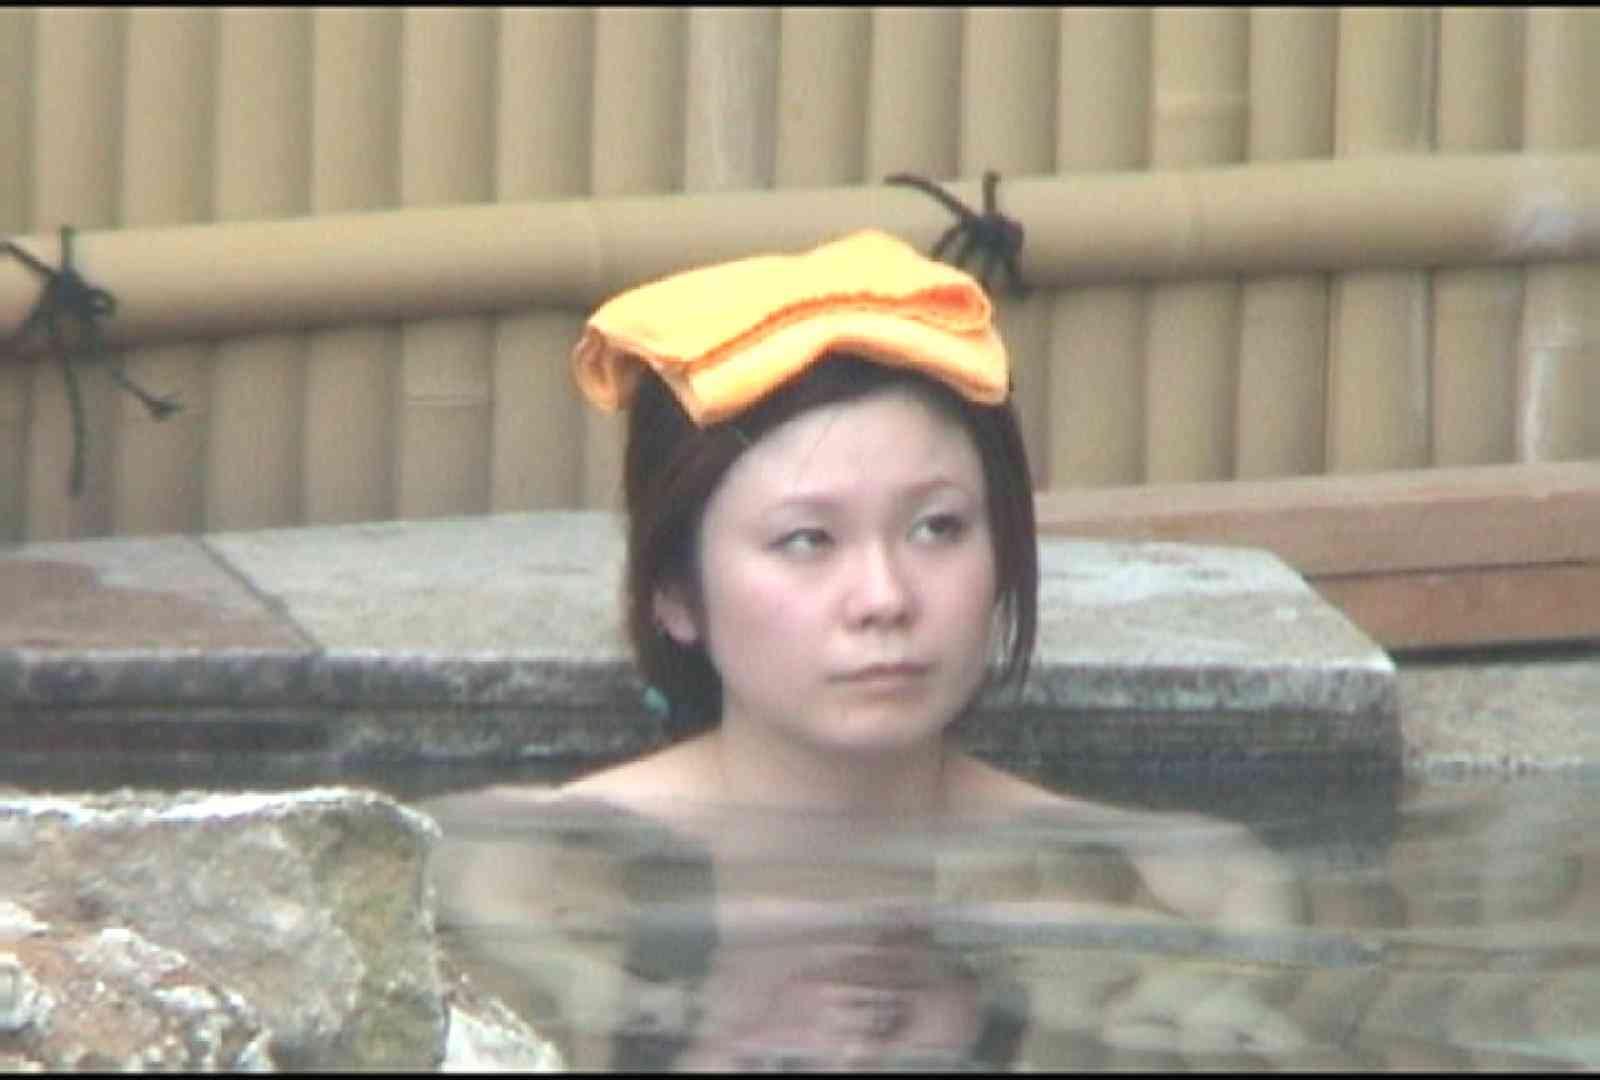 Aquaな露天風呂Vol.177 露天風呂 | 盗撮  40連発 31